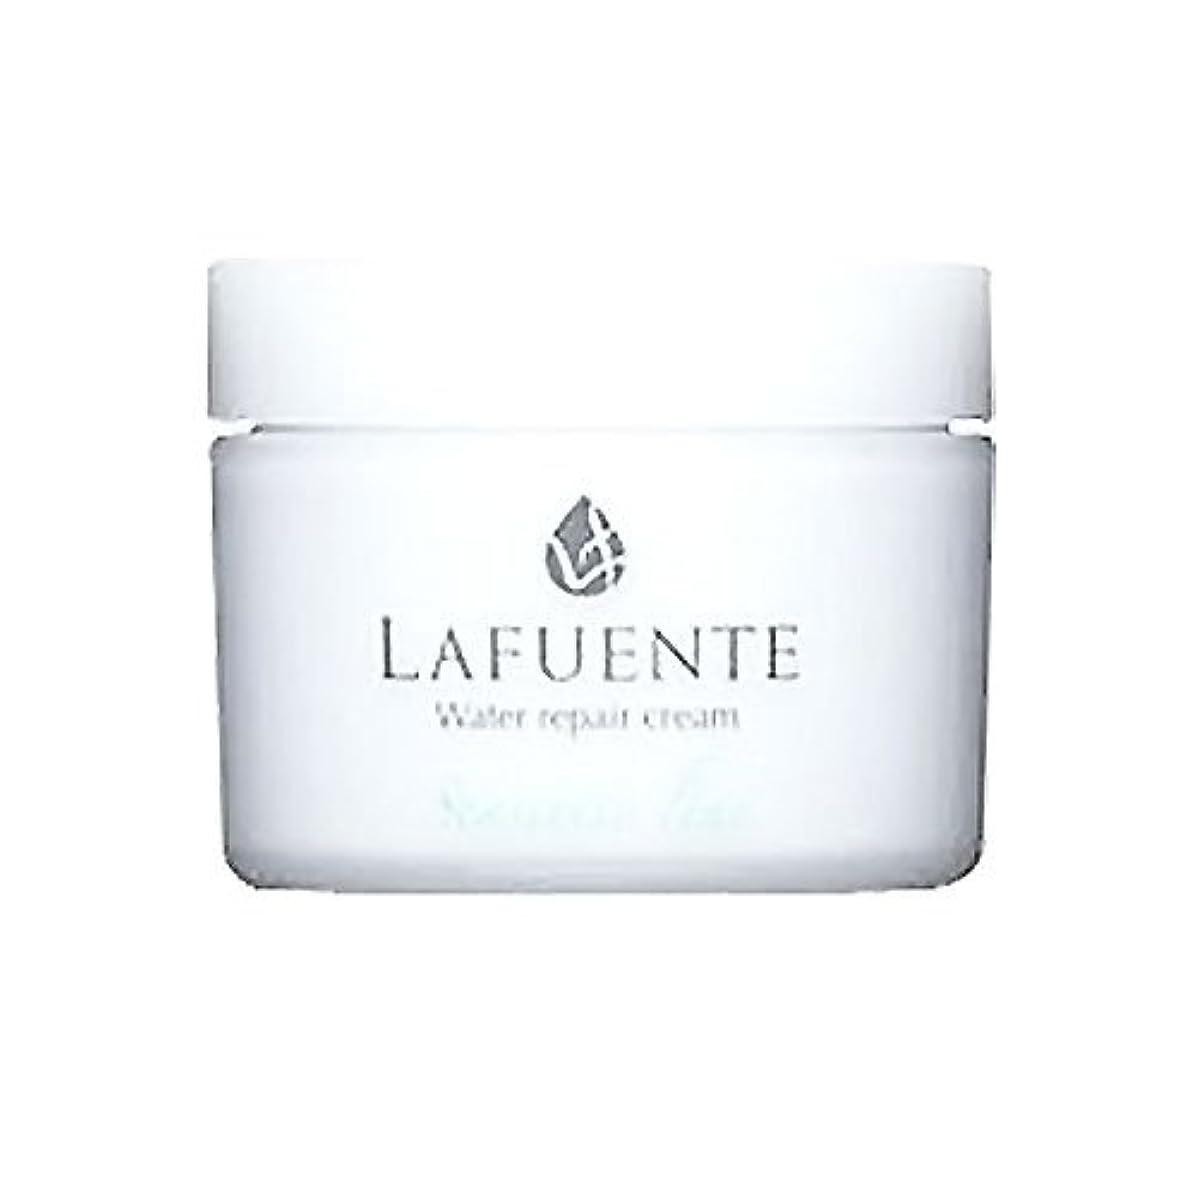 消化傾向がありますどのくらいの頻度でLAFUNTE (ラファンテ) ウォーターリペアクリーム 50g